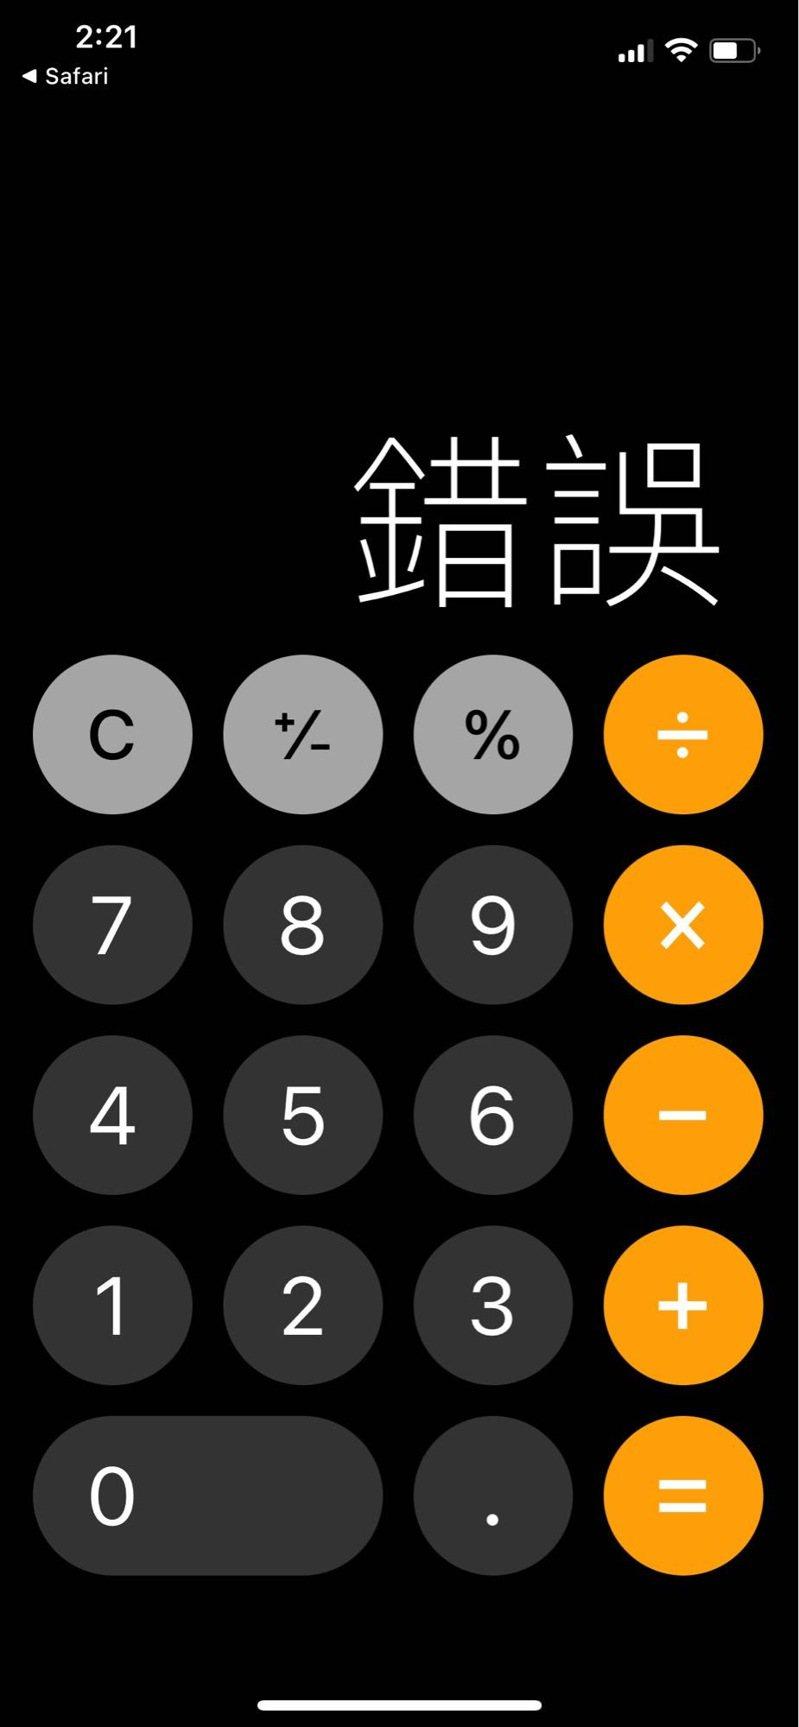 有網友發現iPhone計算機的「神秘功能」,引發討論。 圖擷自Dcard